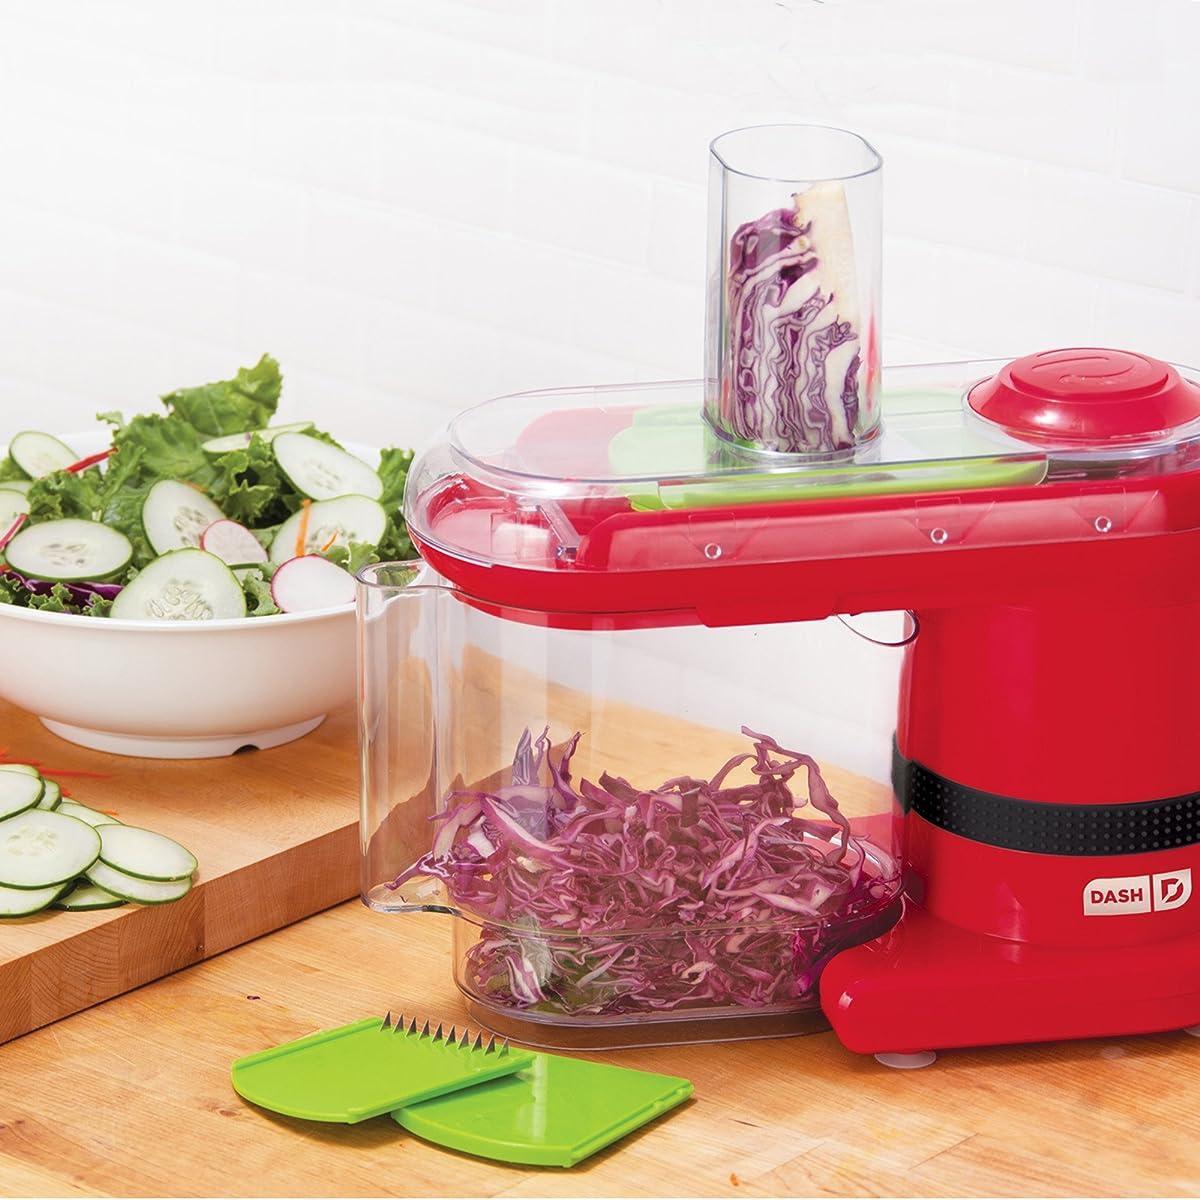 Dash Electric Mandoline & Food Slicer, Red